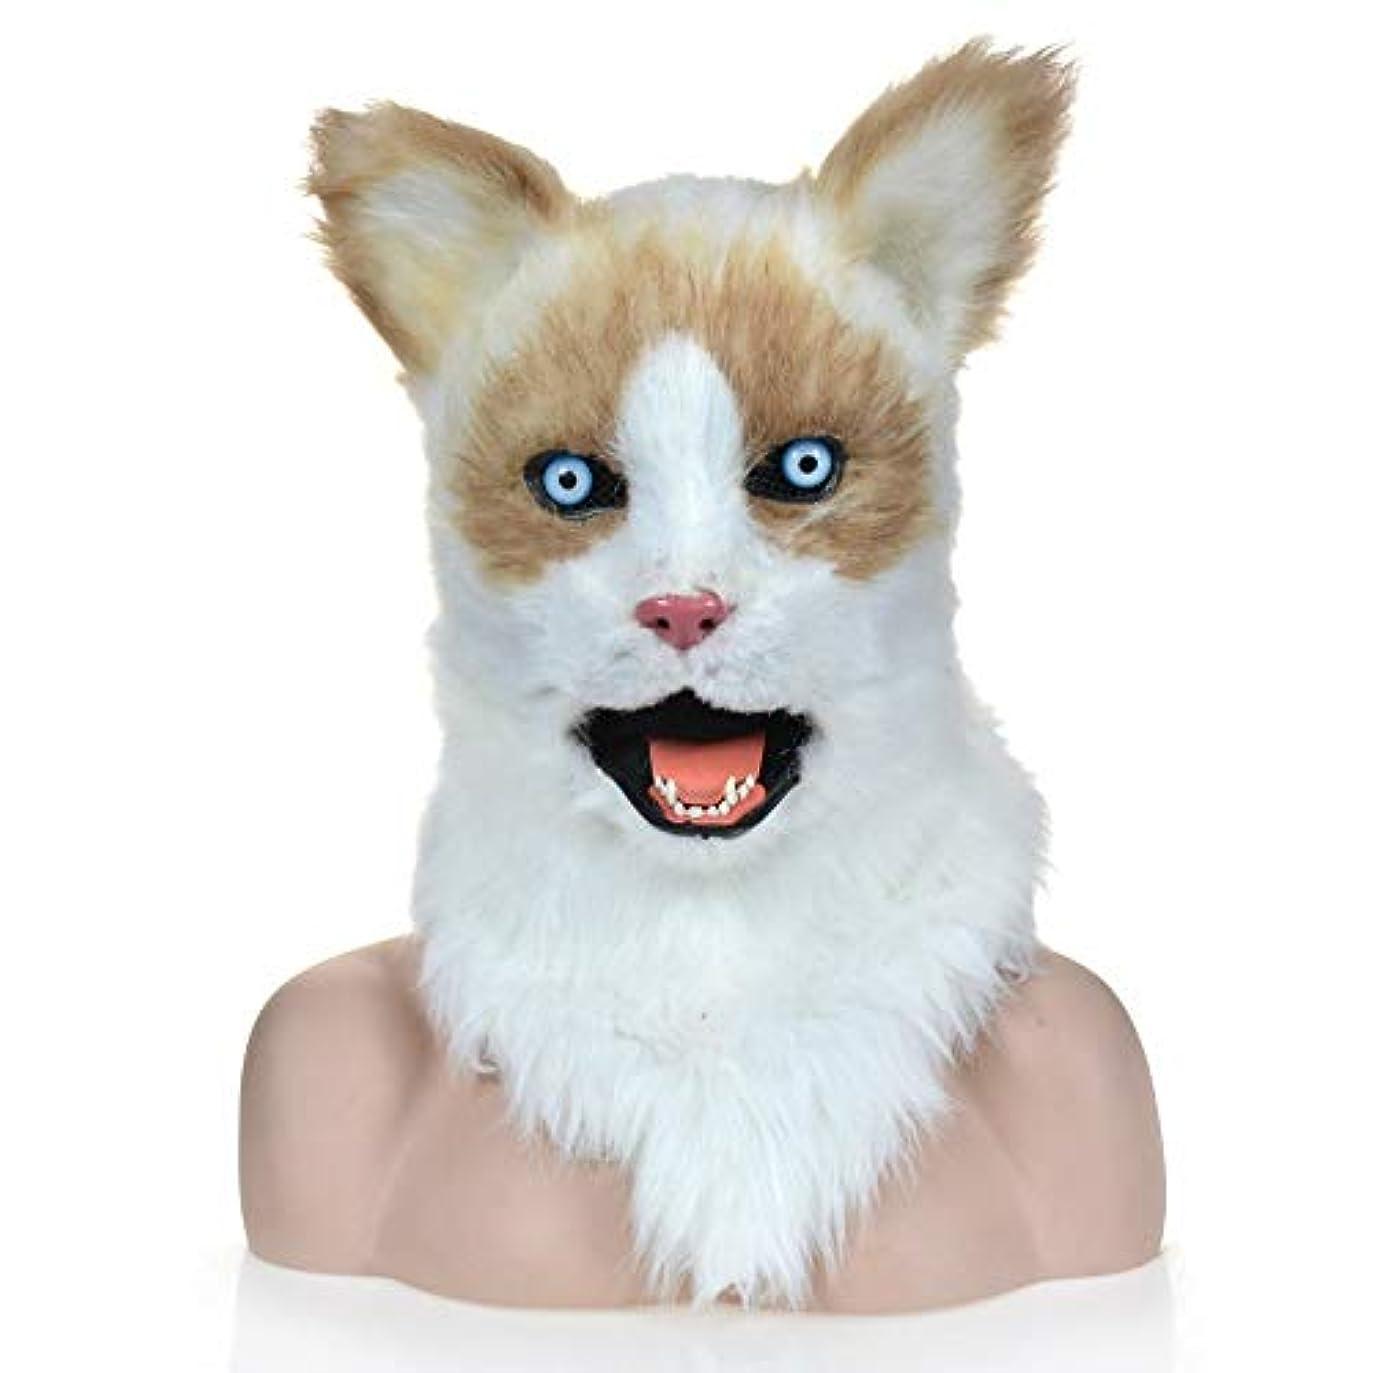 びっくり拒絶裸ETH 動物動物猫ファッションショーシミュレーションマスク/ハロウィーンのデコレーション/アクセサリー 適用されます